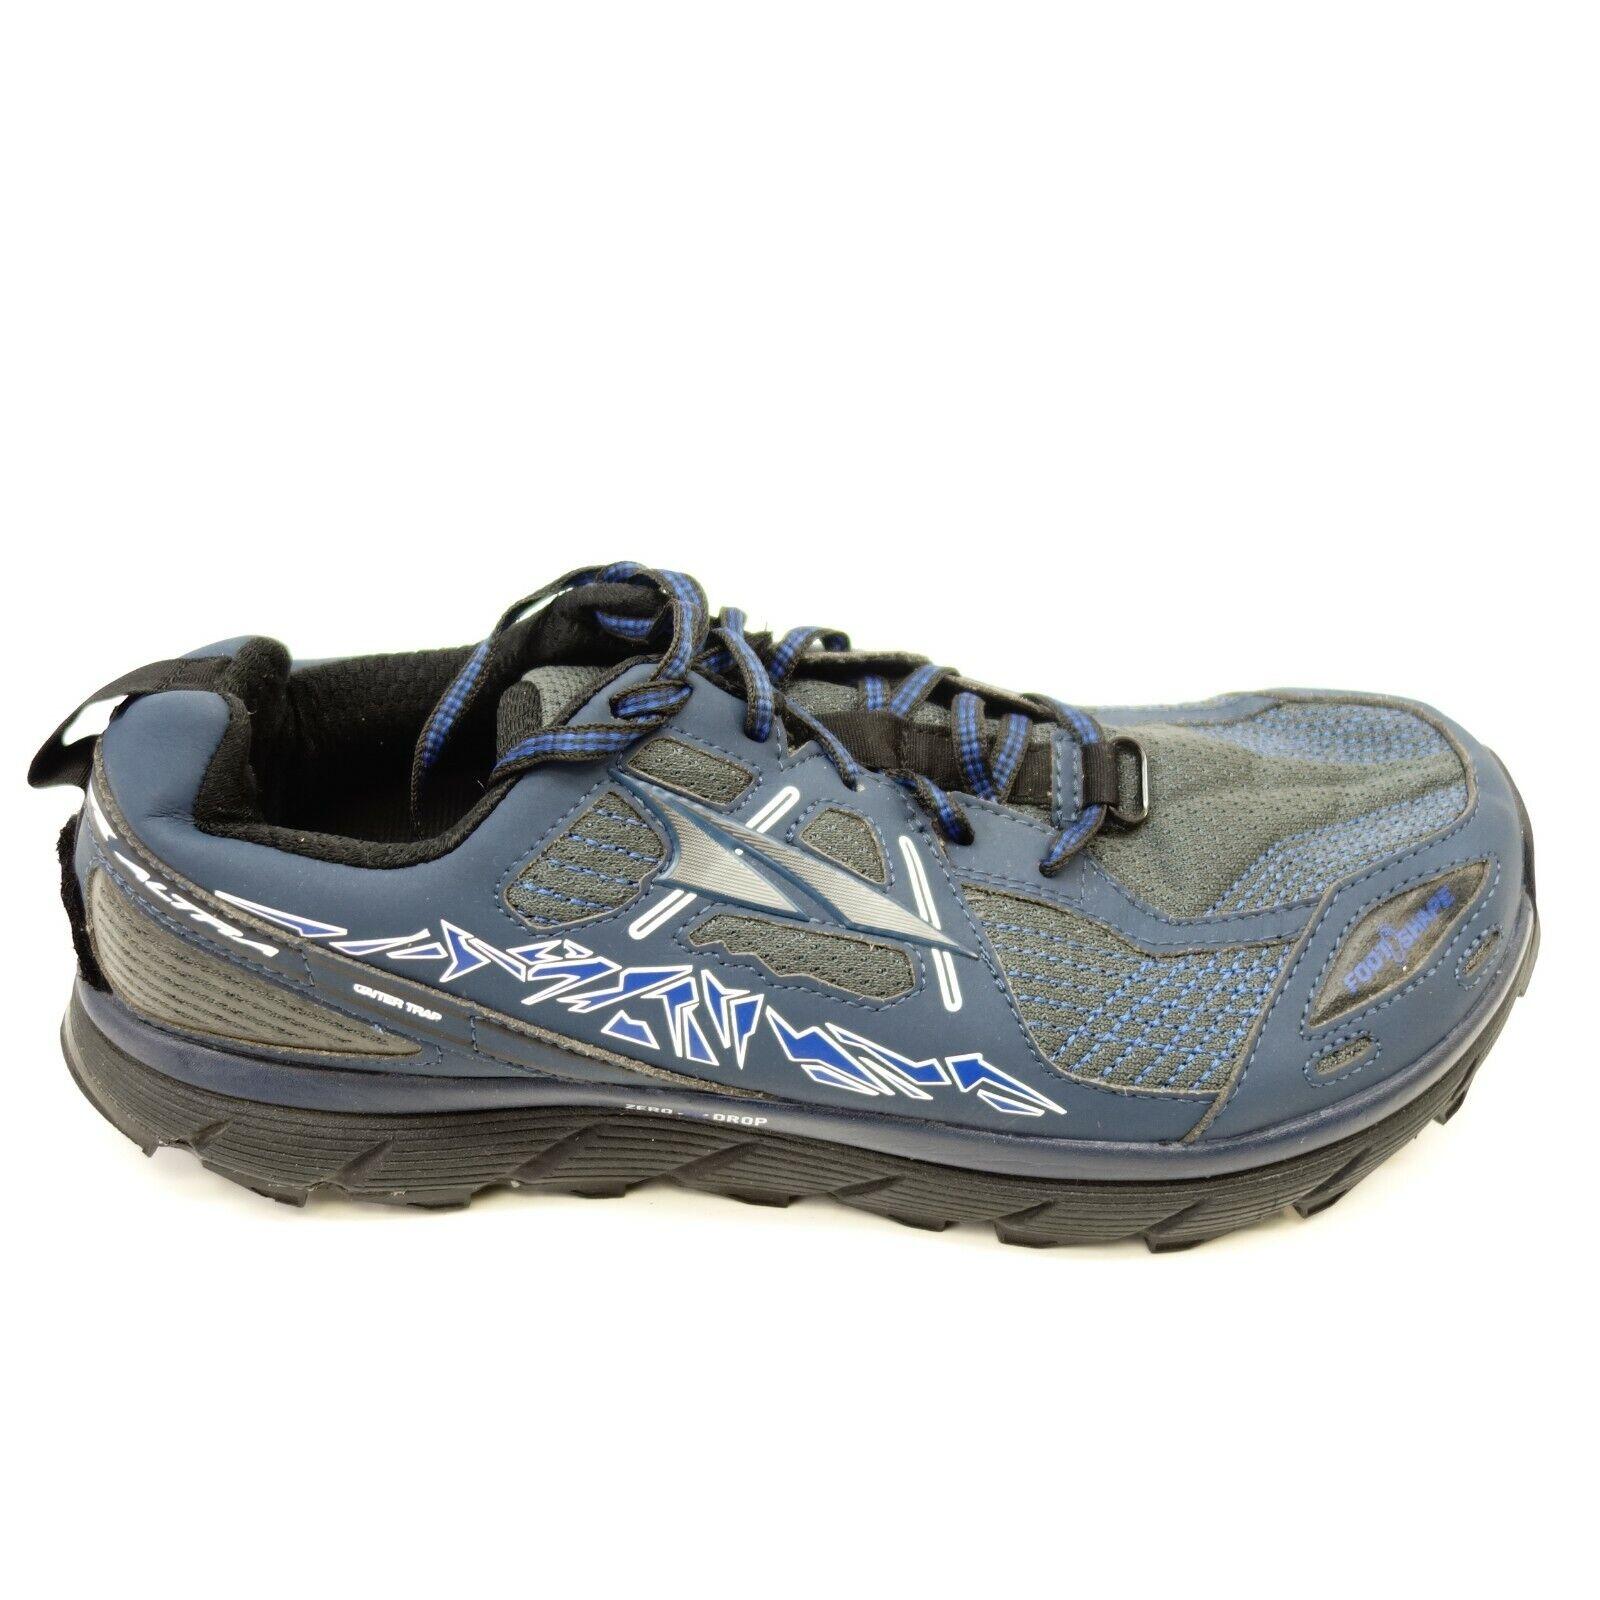 classic fit 6ec17 384a6 Altra Uomo Dimensione Dimensione Dimensione 10 Lone Peak 3.5 blu Mesh  Athletic Support Trail-Running scarpe 39e6e8